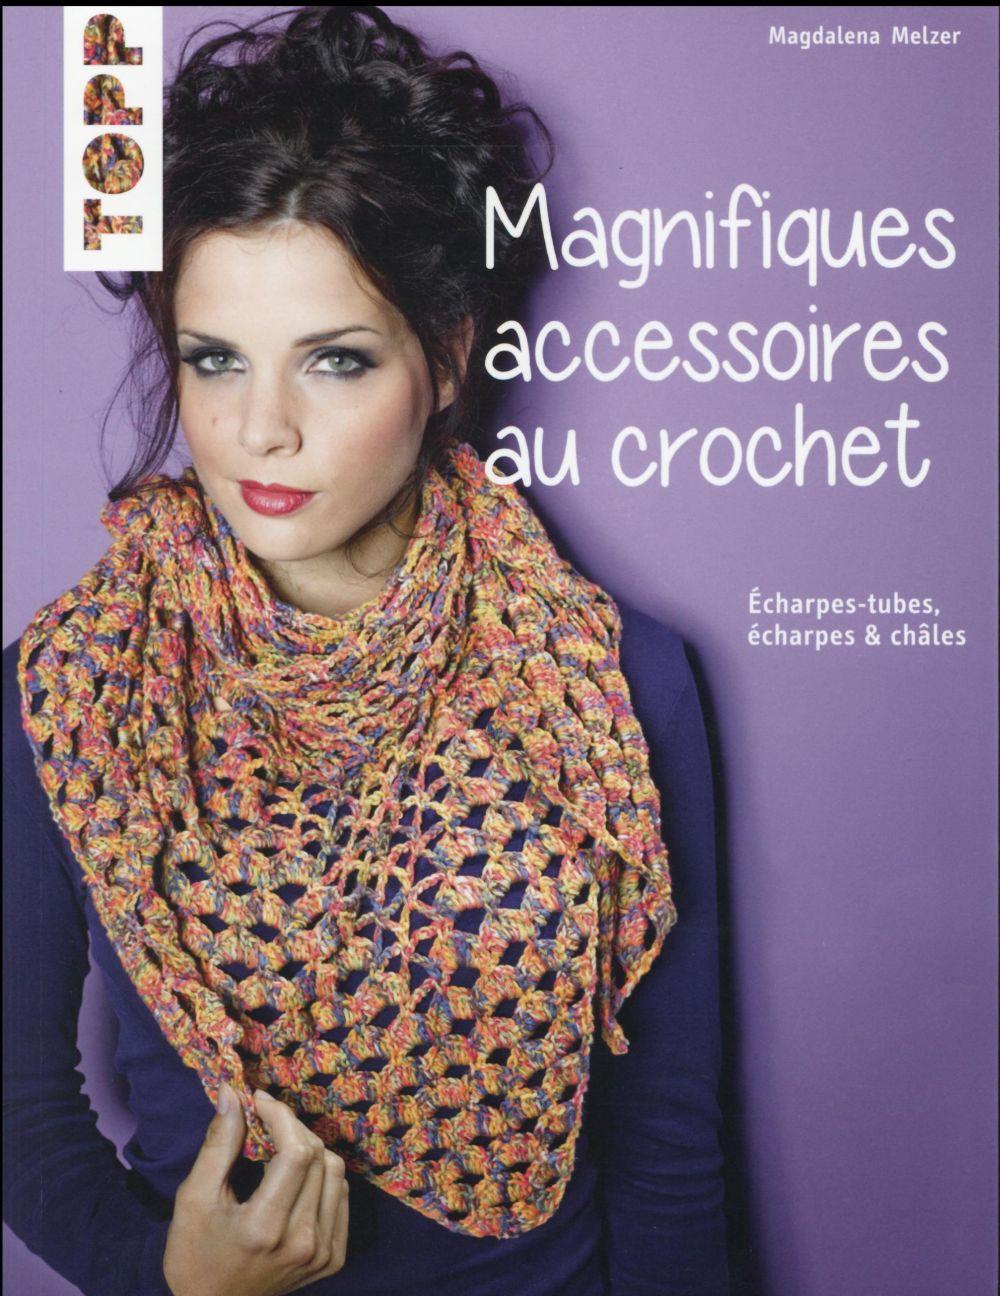 Magnifiques accessoires au crochet ; snoods, écharpes & châles